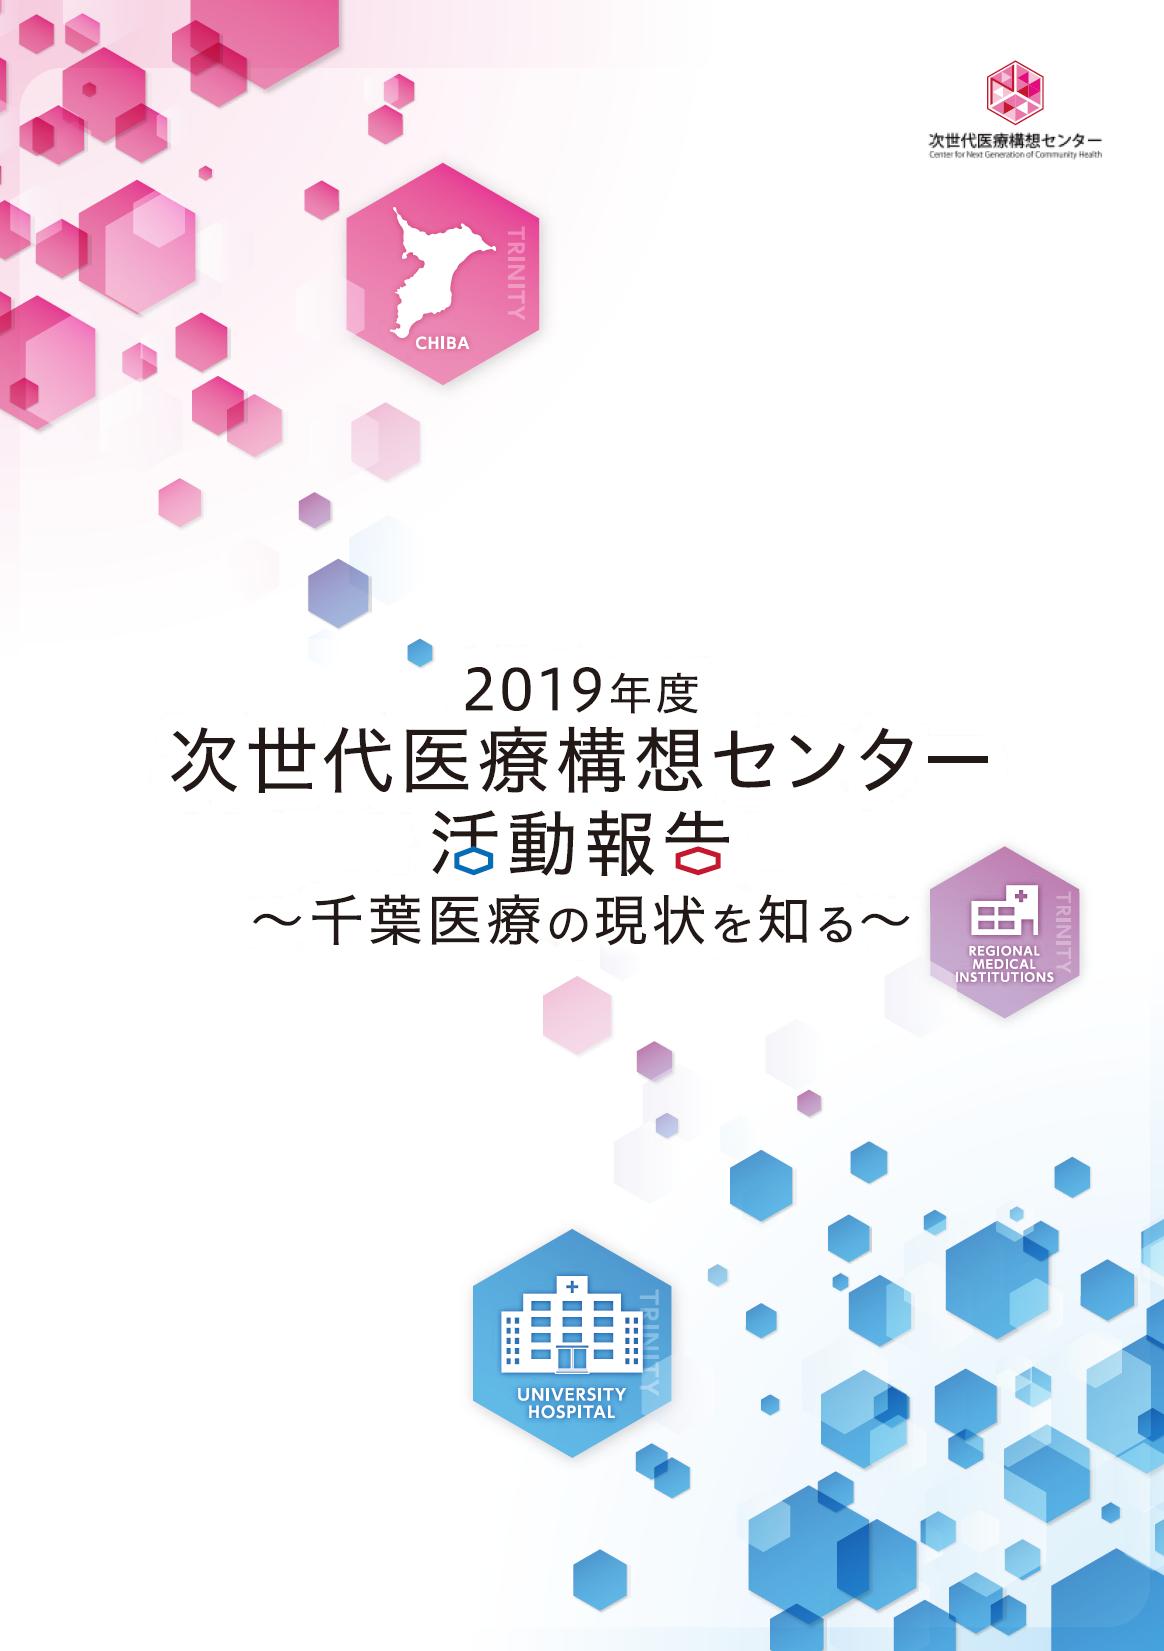 次世代医療構想センター 2019年度報告書